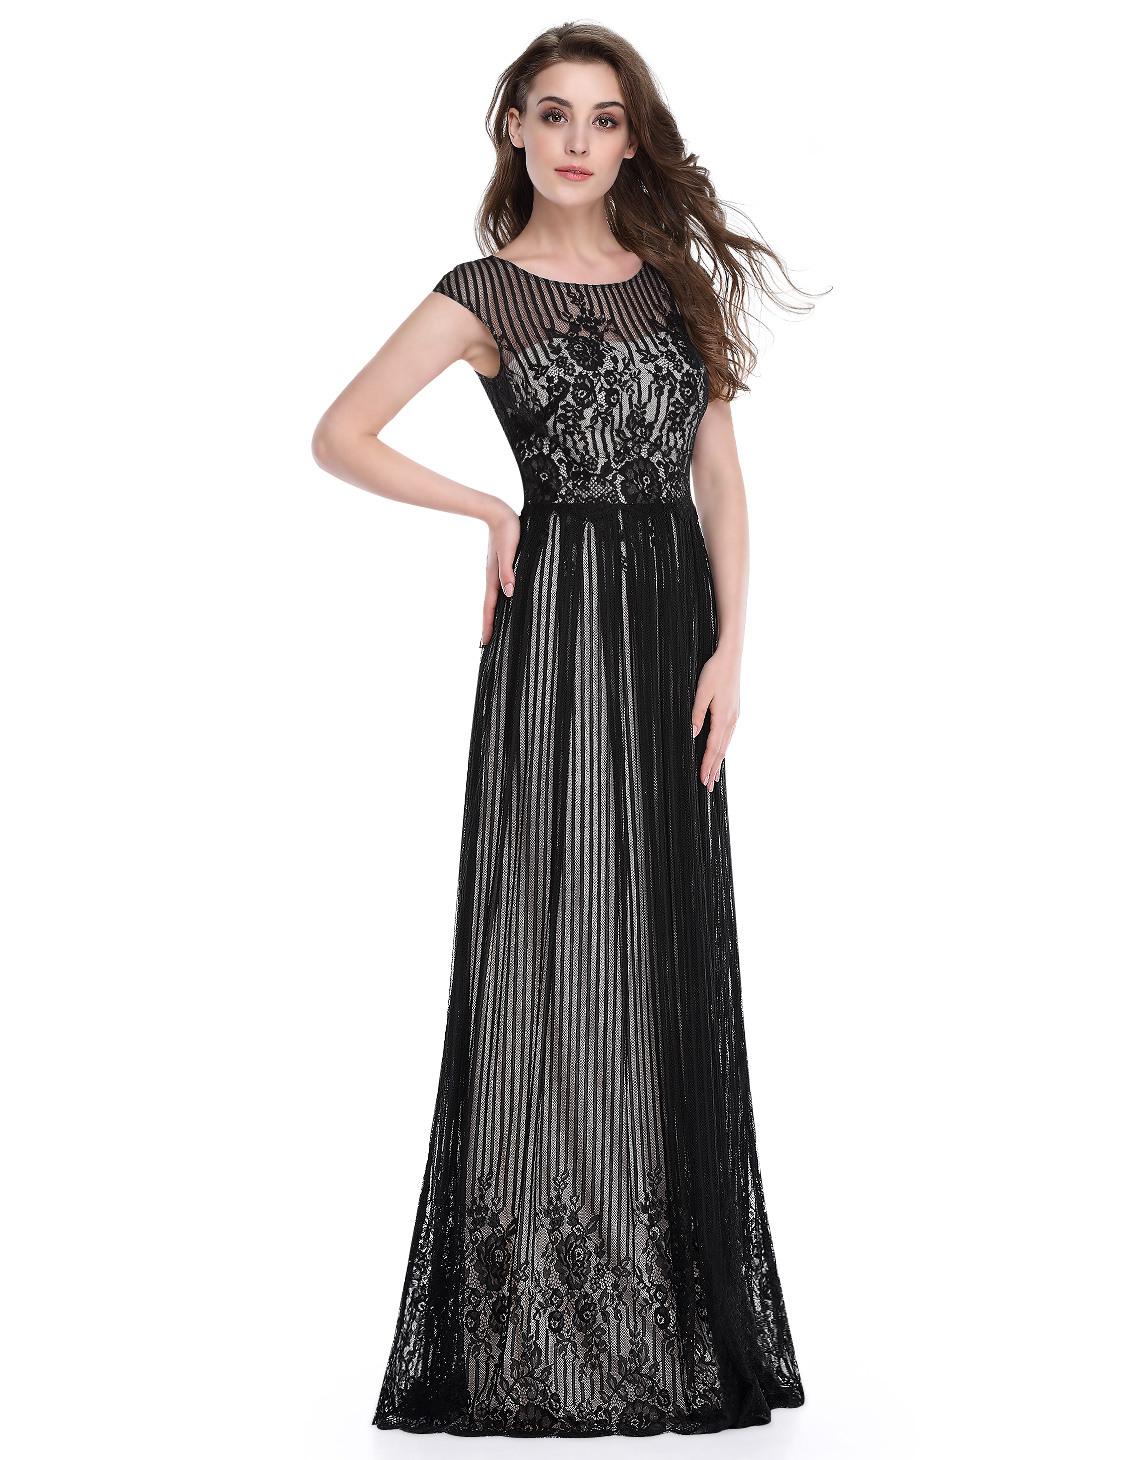 Designer Schön Kleid Für Den Abend Stylish20 Perfekt Kleid Für Den Abend Spezialgebiet